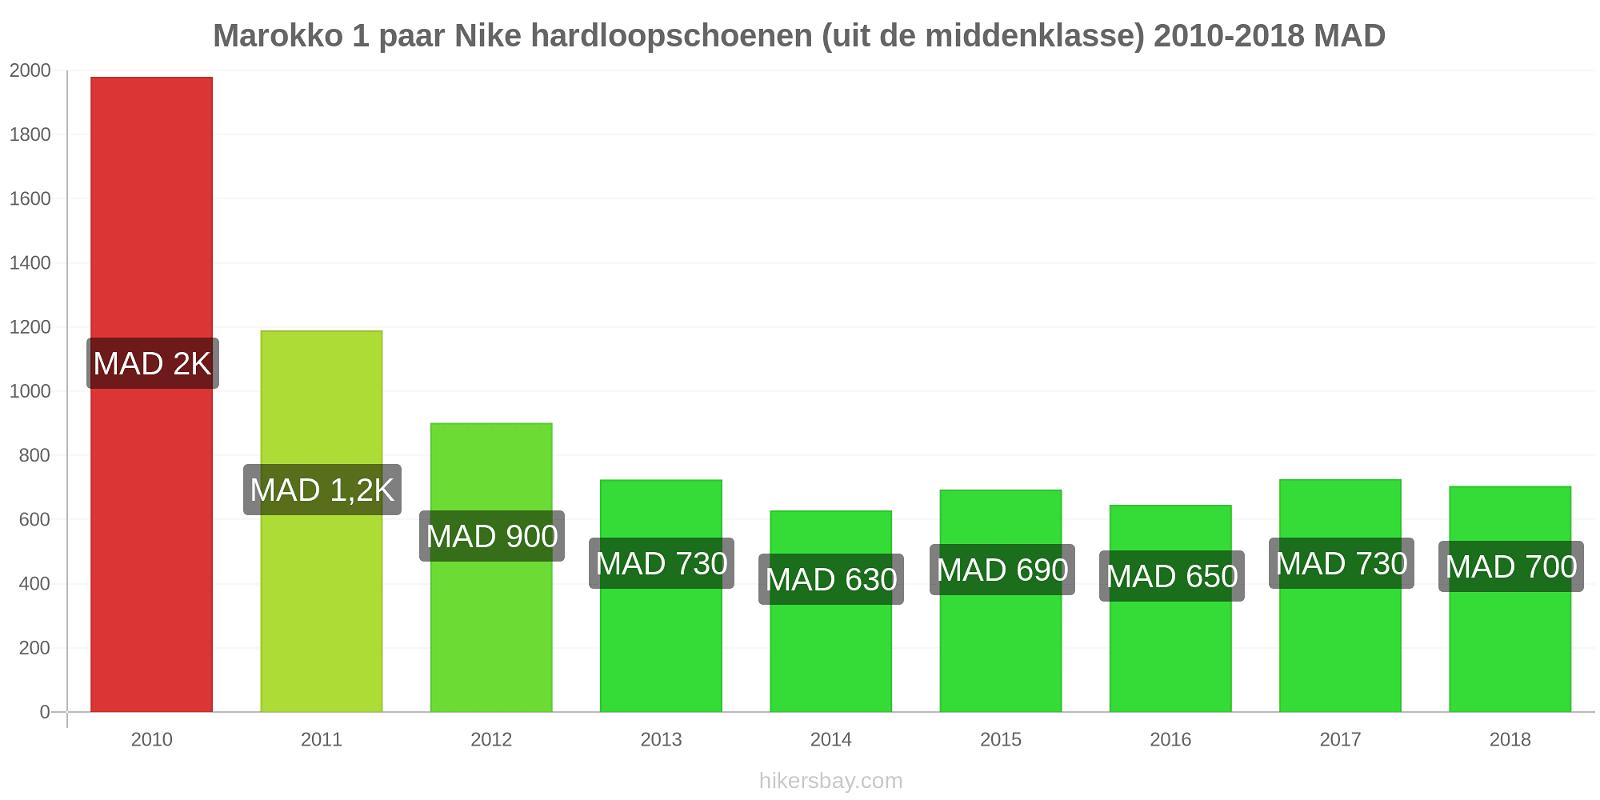 Marokko prijswijzigingen 1 paar Nike hardloopschoenen (uit de middenklasse) hikersbay.com